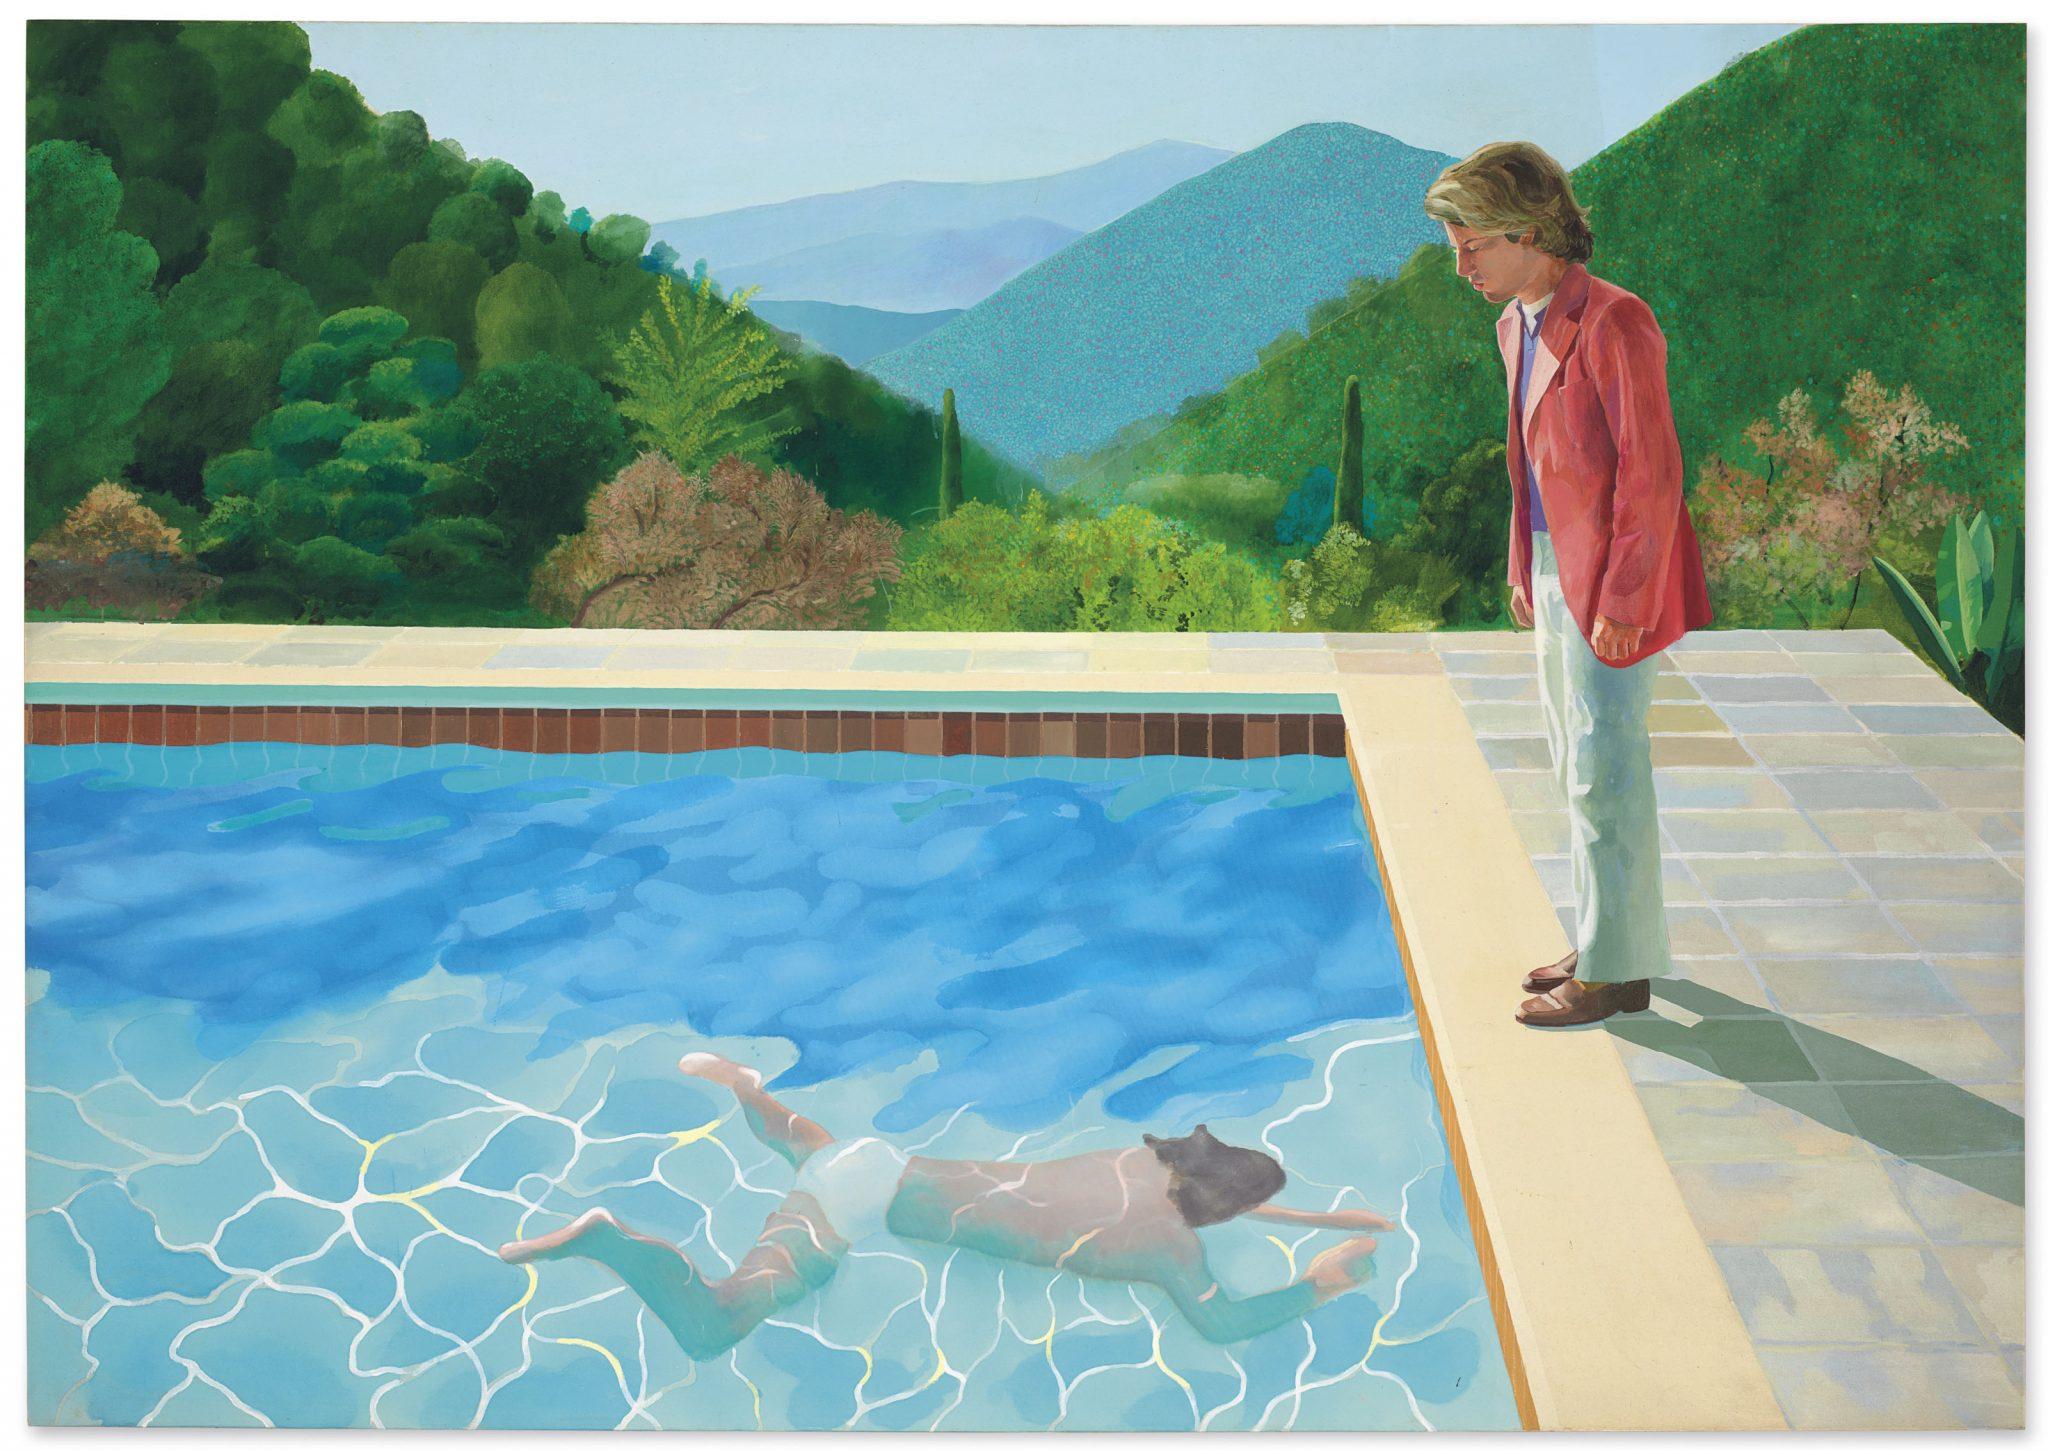 Un tuffo nell'oro per Hockney. Da Christie's a 90,3 mln$: è l'artista vivente più pagato